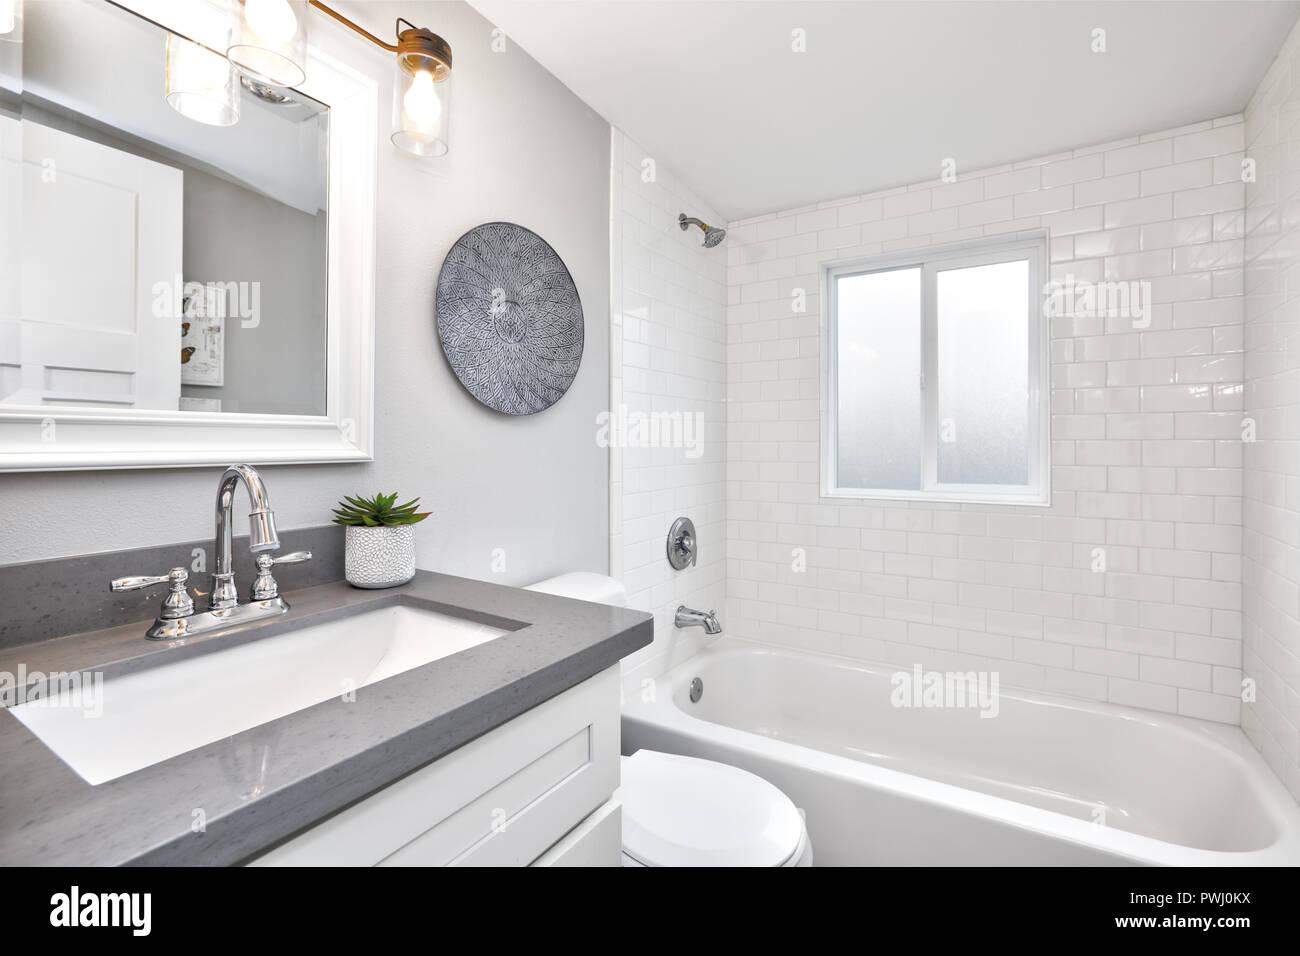 Moderne, weiße und graue Design Badezimmer Stockfoto, Bild ...